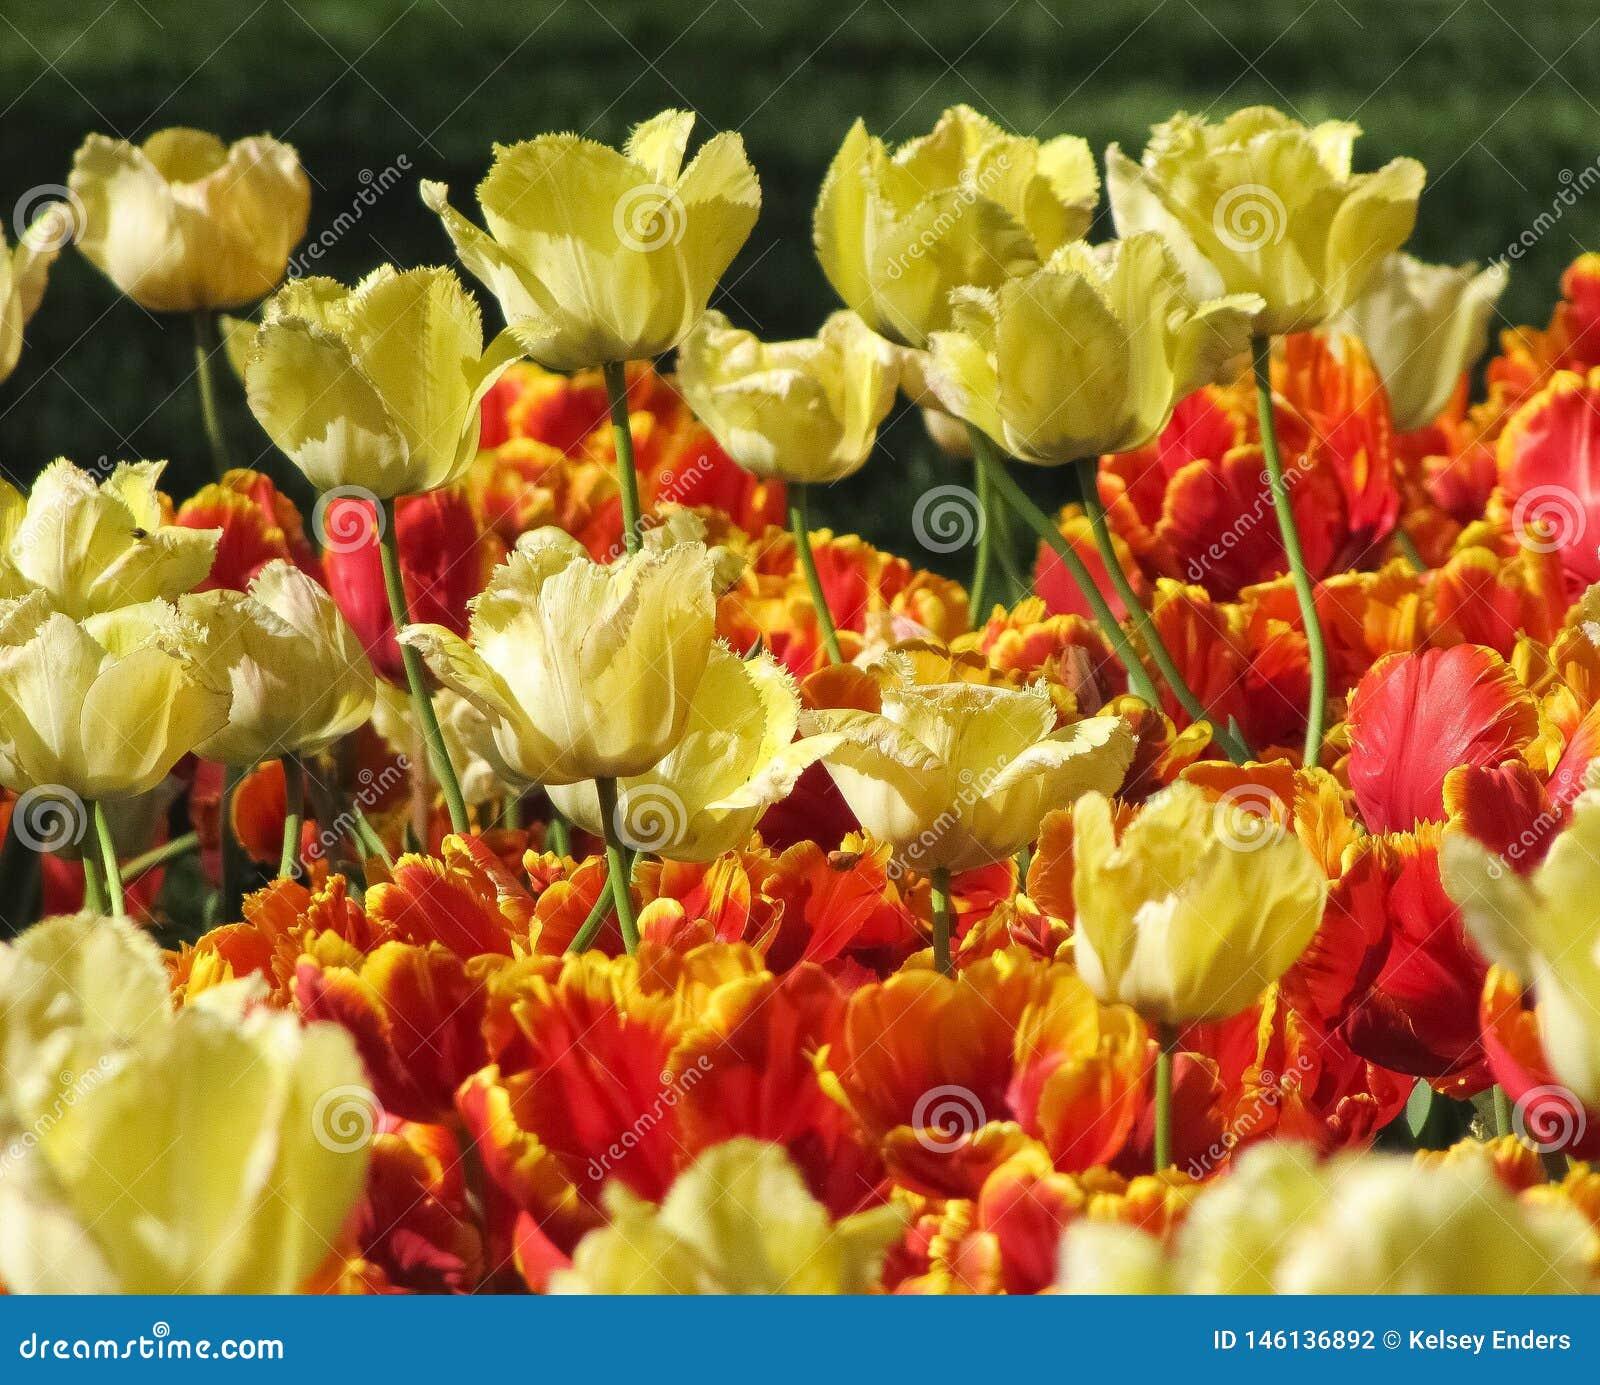 Tulipanes amarillos con los tulipanes rojos y amarillos